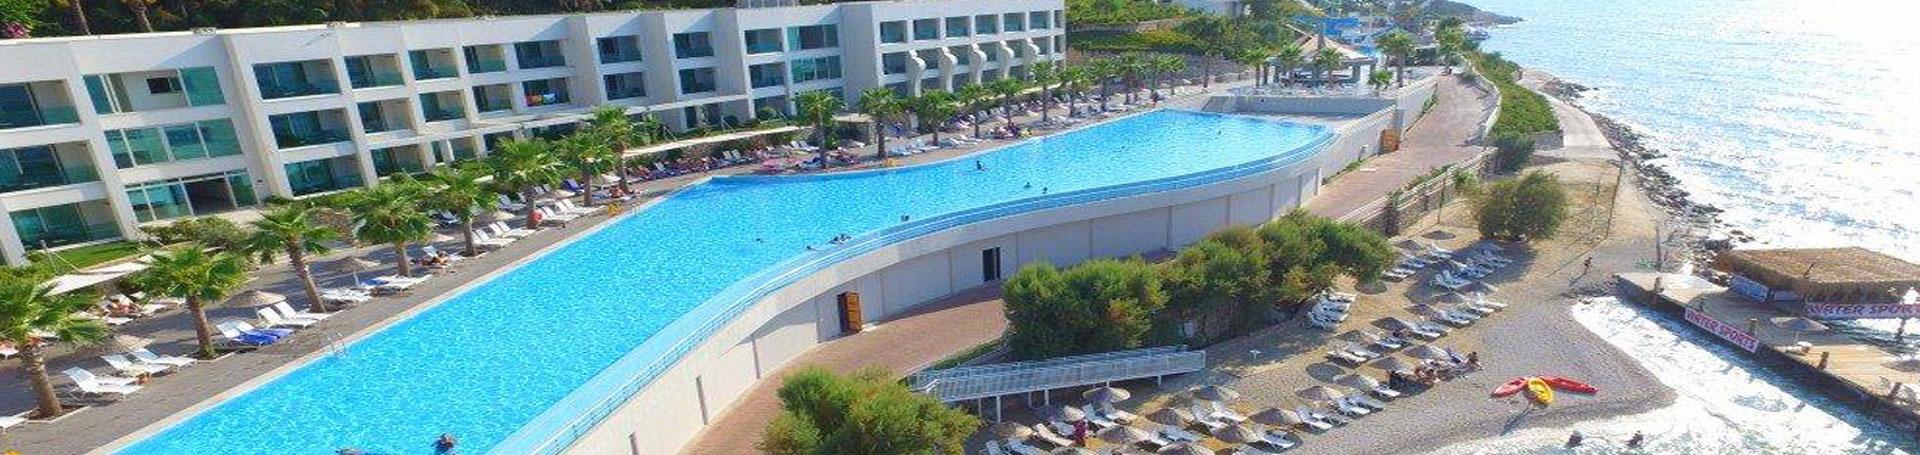 Dreams-Resort-Hotel-Bodrum—mehrparvaz-6594